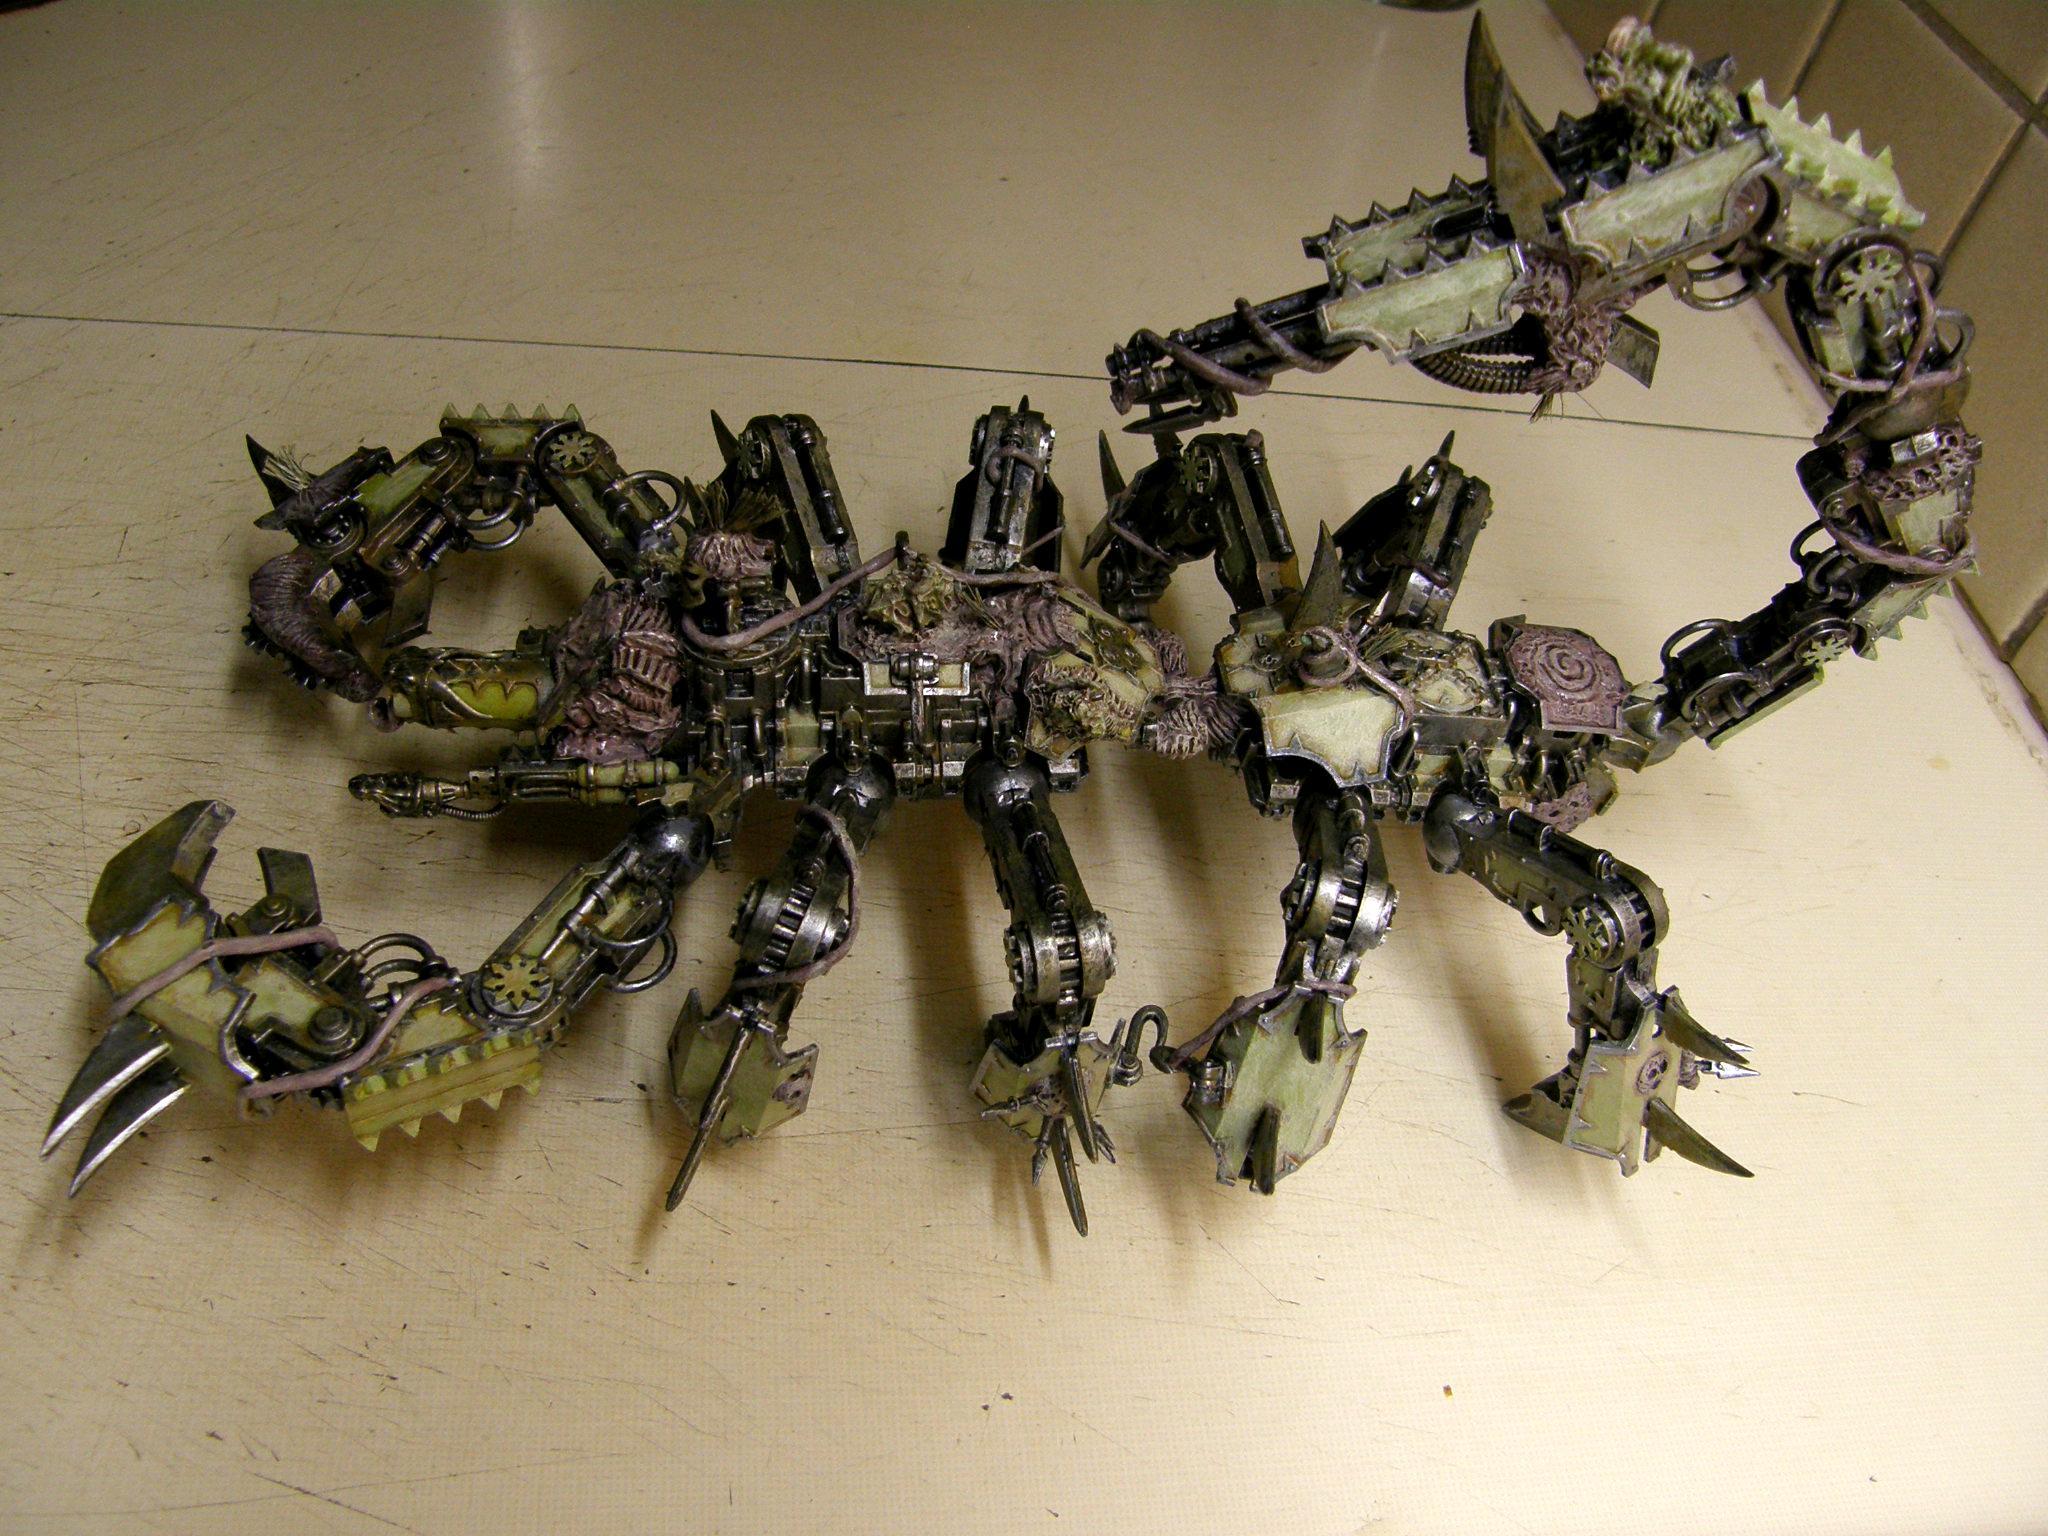 Defiler, Nurgle, Scorpion